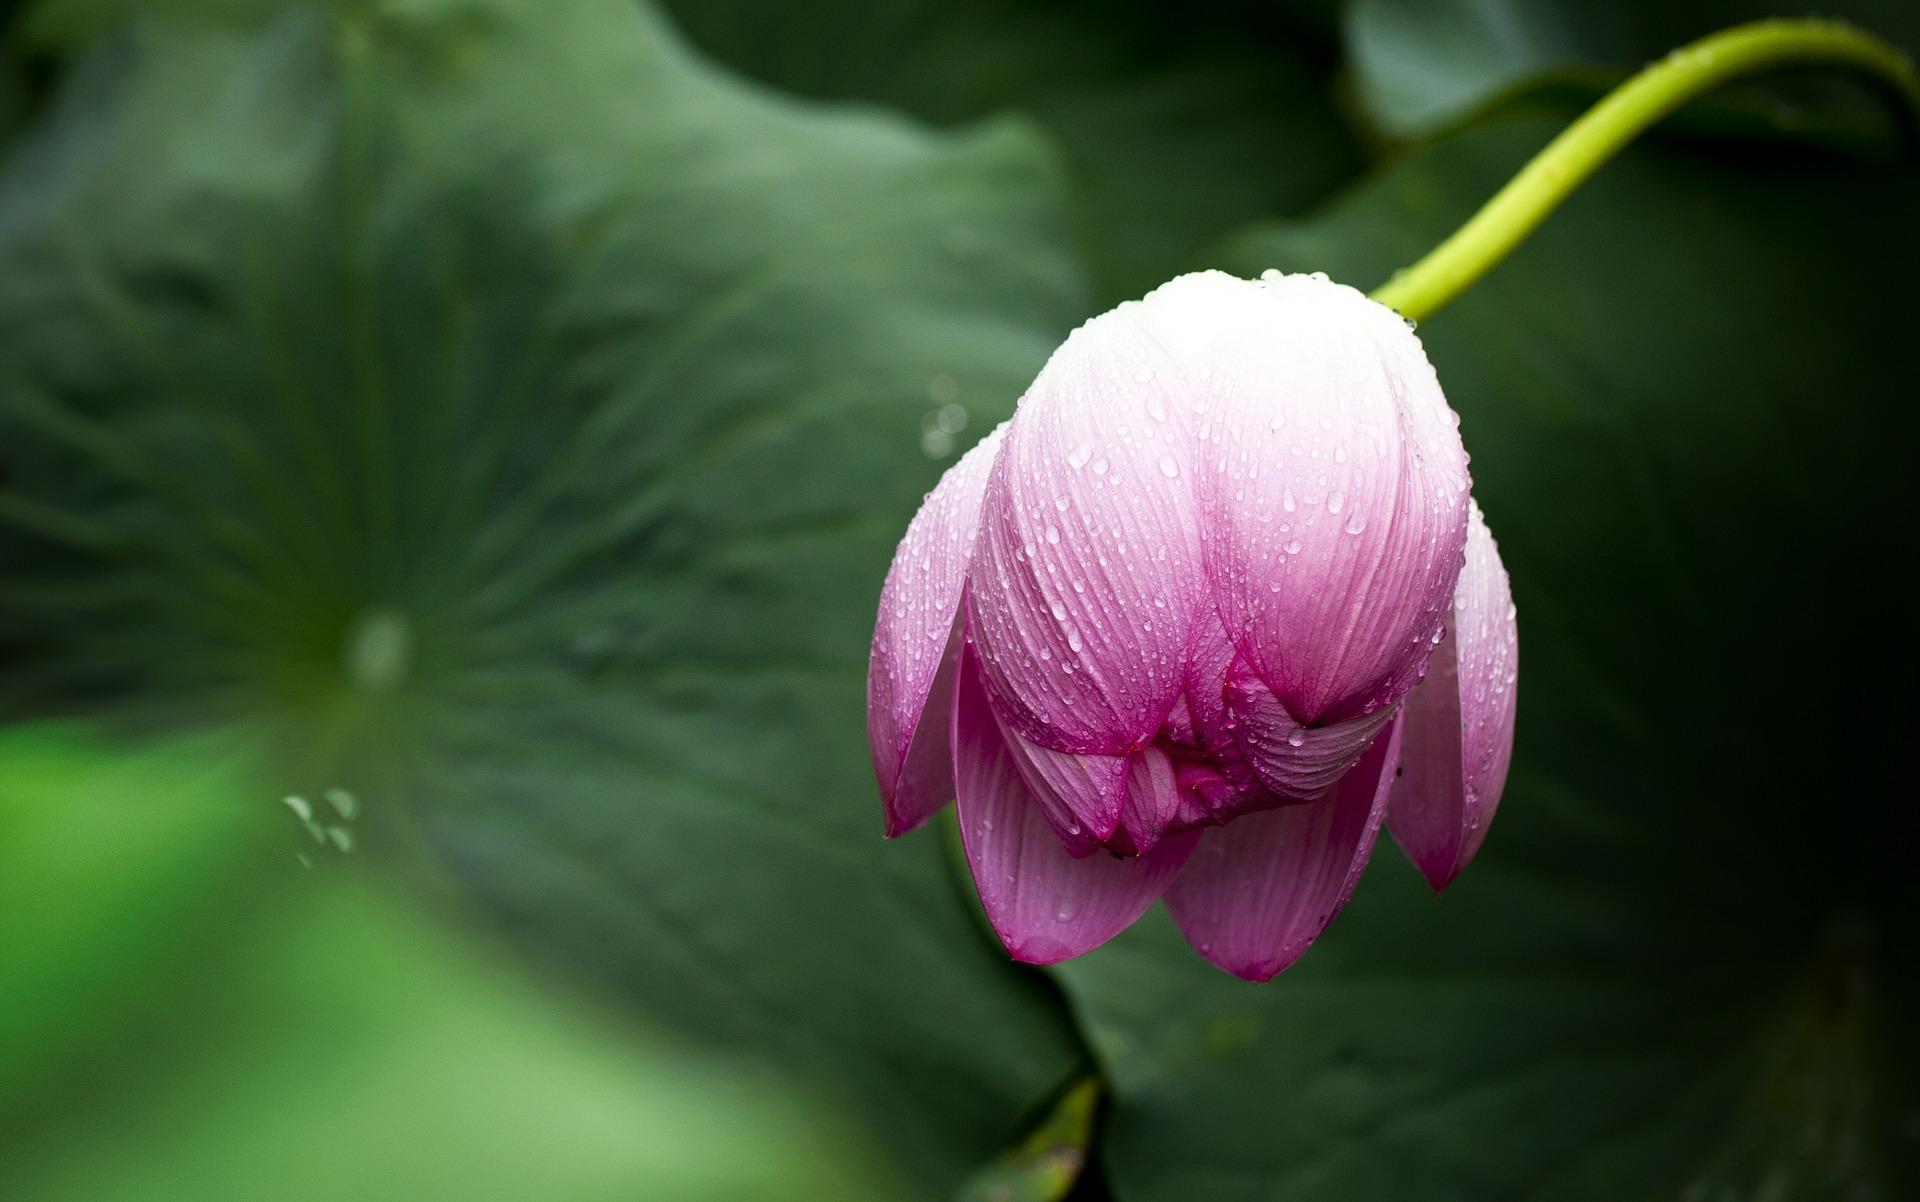 선악을 가르는 화살이 녹은 자리에 꽃이 핀다. 그 꽃의 이름은 '해탈'이다. 해탈의 꽃은 진흙에 물들지 않는다. 왜 그럴까. 더 이상 진흙이 없기 때문이다.